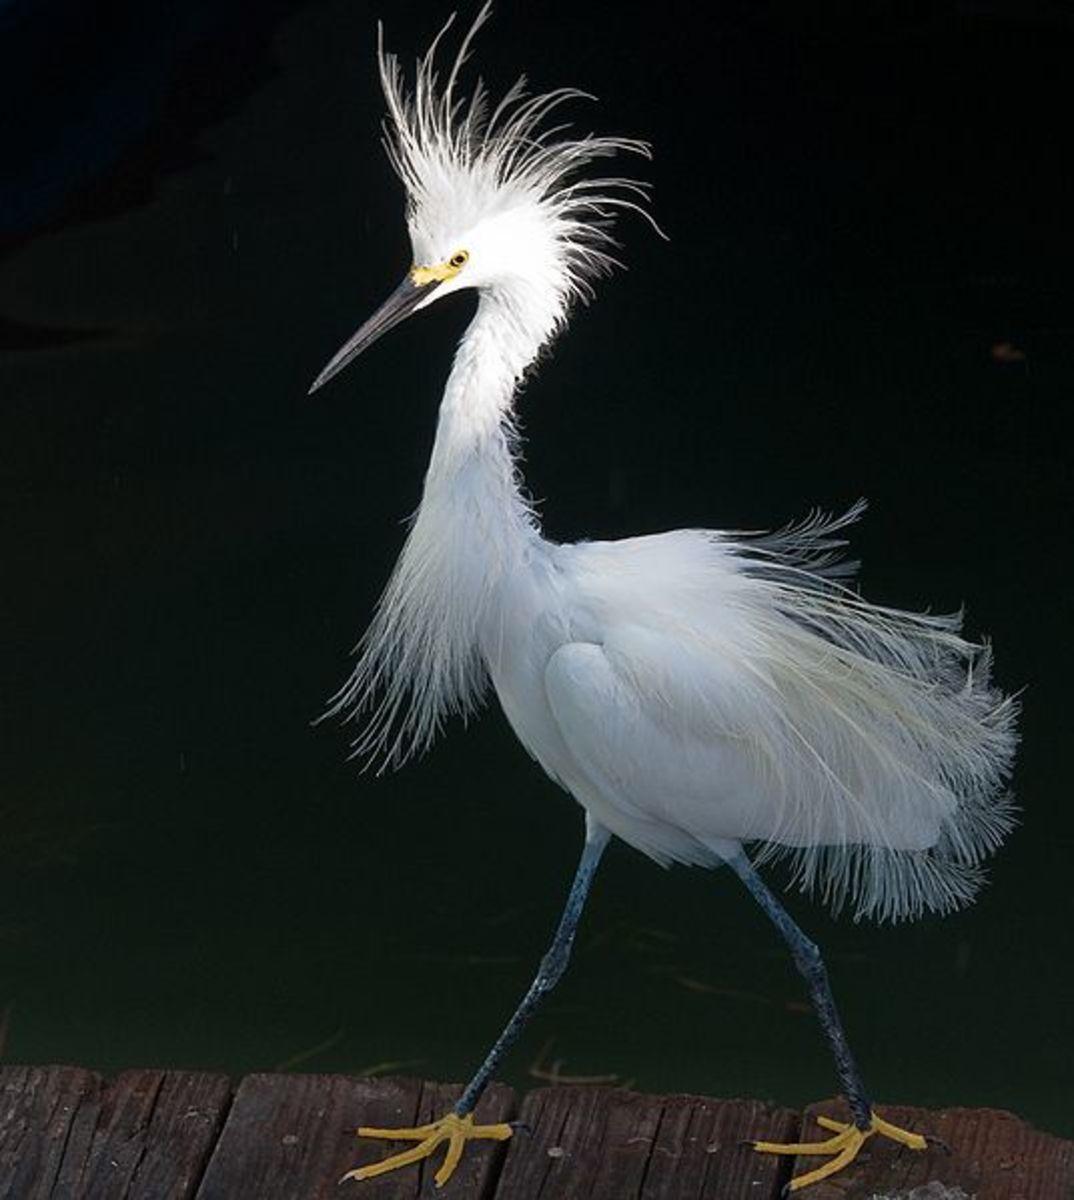 A snowy egret, displaying breeding plumage